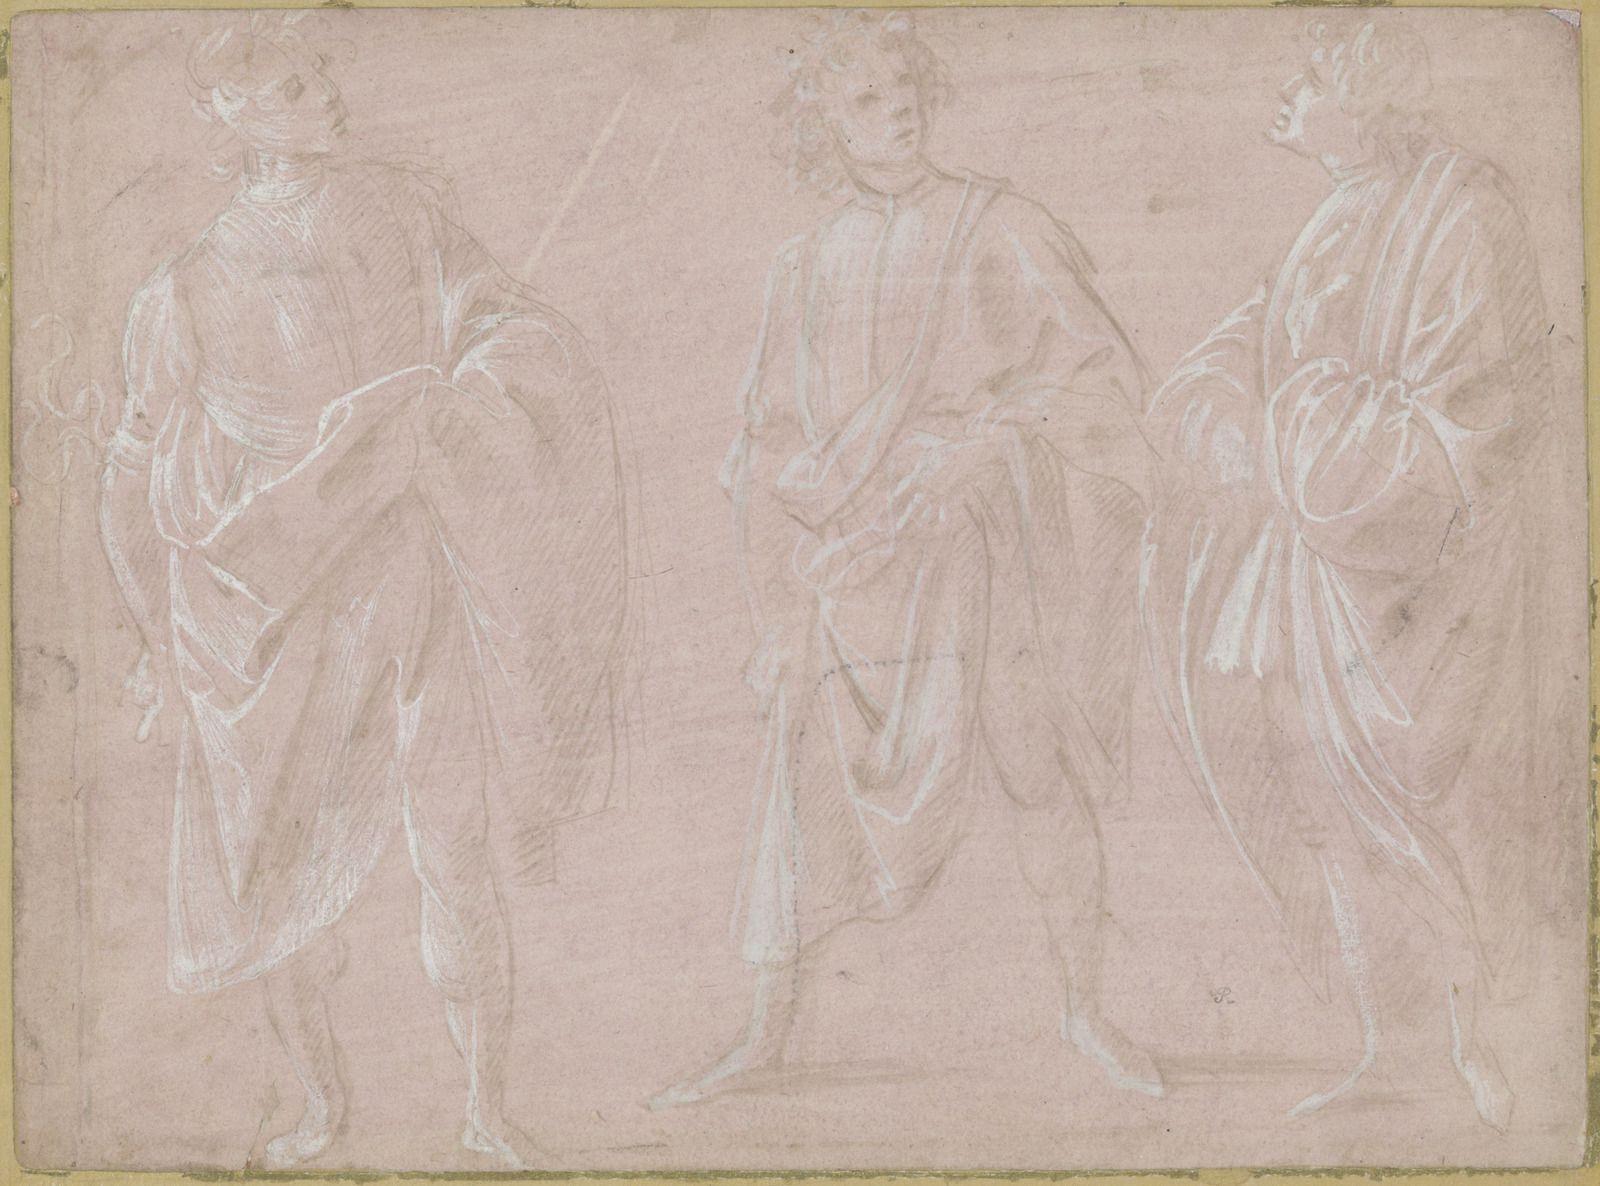 Filippino Lippi (Prato v. 1457 – 1504 Florence), Trois études d'un jeune homme portant un manteau. Pointe d'argent et rehauts de blanc sur papier préparé rose. – 205 × 277 mm Fondation Custodia, Collection Frits Lugt, Paris, inv. 5816